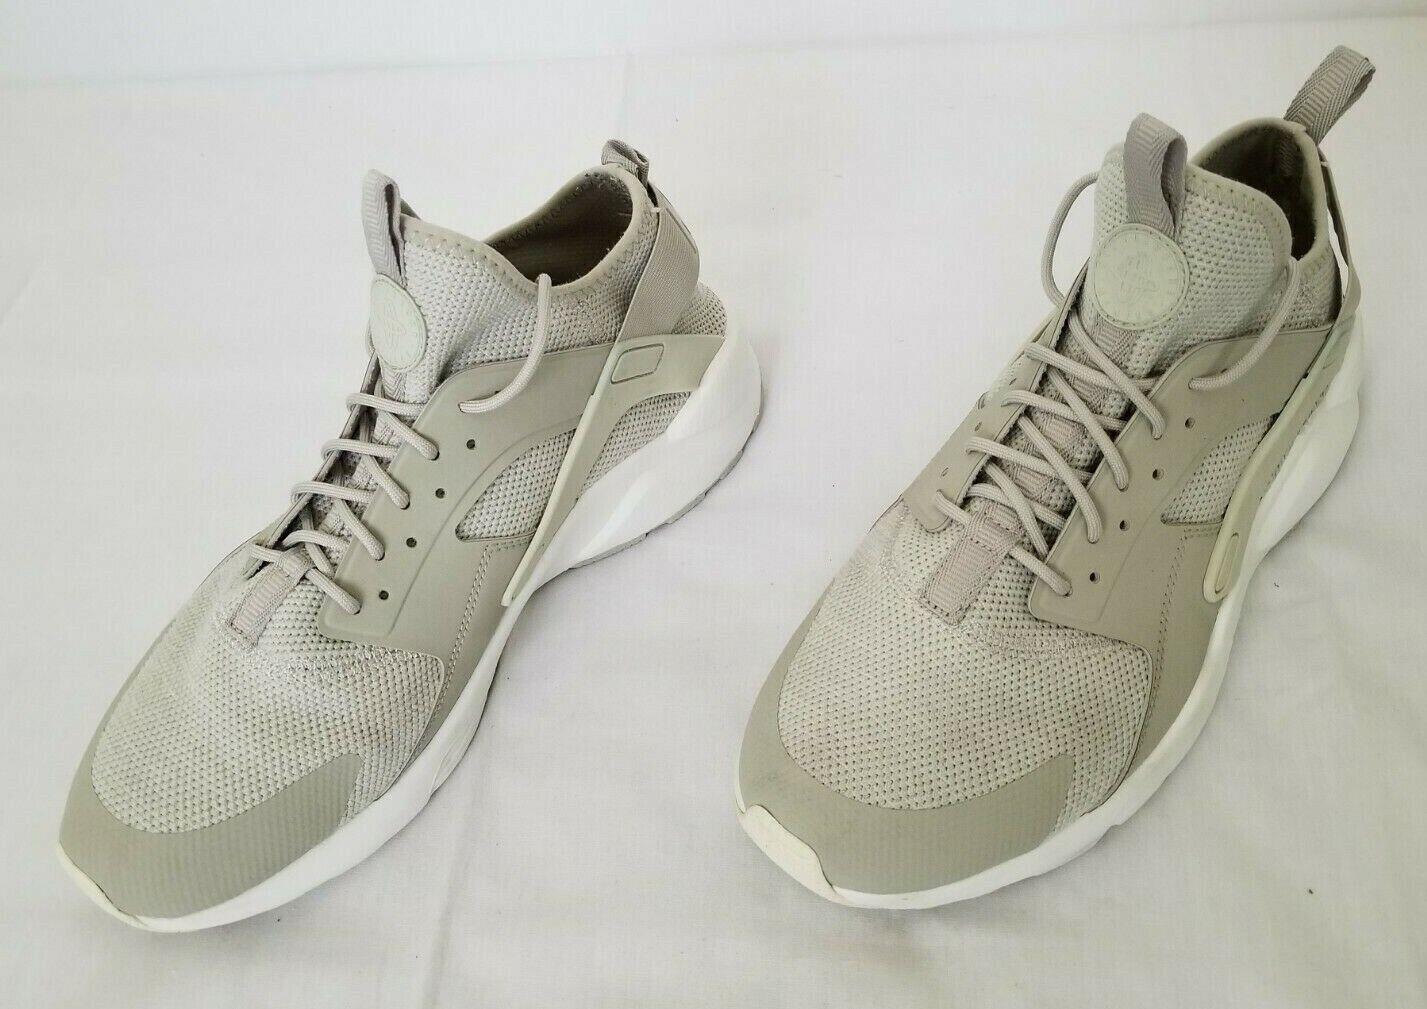 Escribe un reporte Serafín fumar  Mens Size 12 Grey Nike Air Huarache Run Ultra Breathe Shoes 833147-002  preowned for sale online